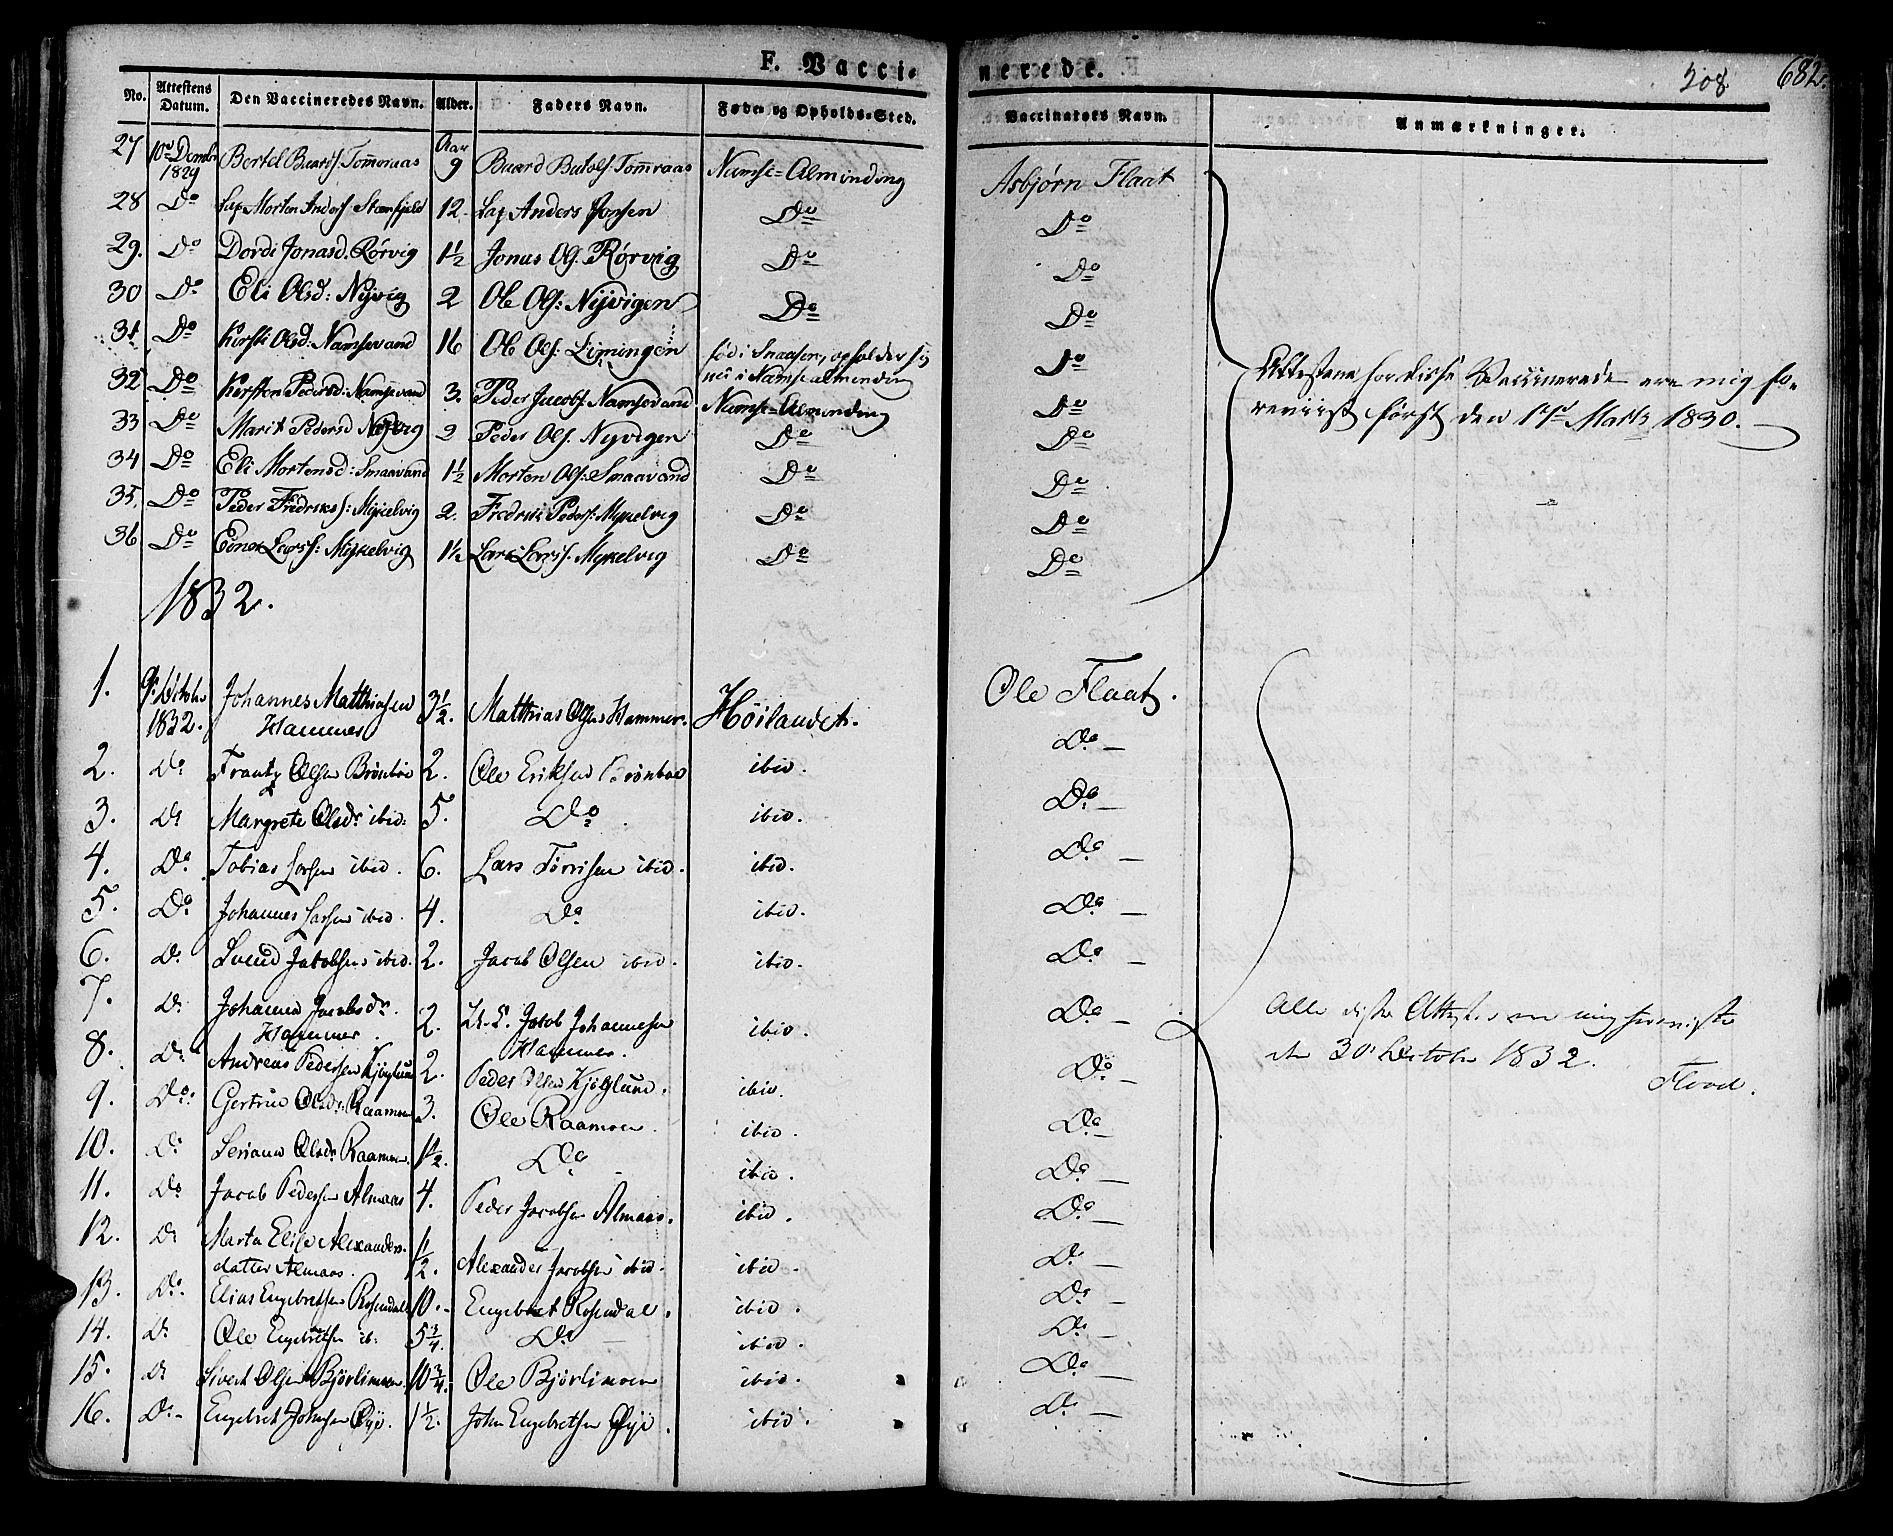 SAT, Ministerialprotokoller, klokkerbøker og fødselsregistre - Nord-Trøndelag, 758/L0510: Ministerialbok nr. 758A01 /1, 1821-1841, s. 208